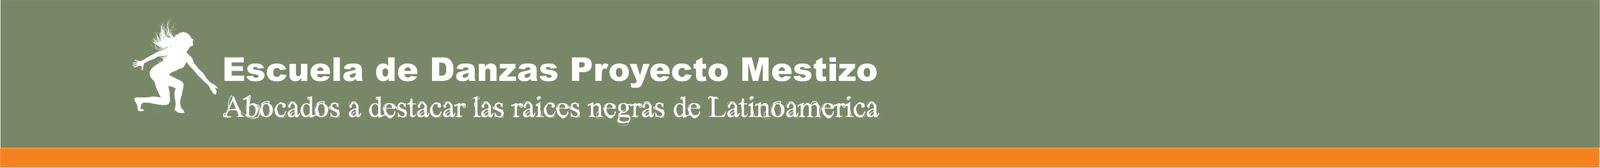 Escuela Proyecto Mestizo